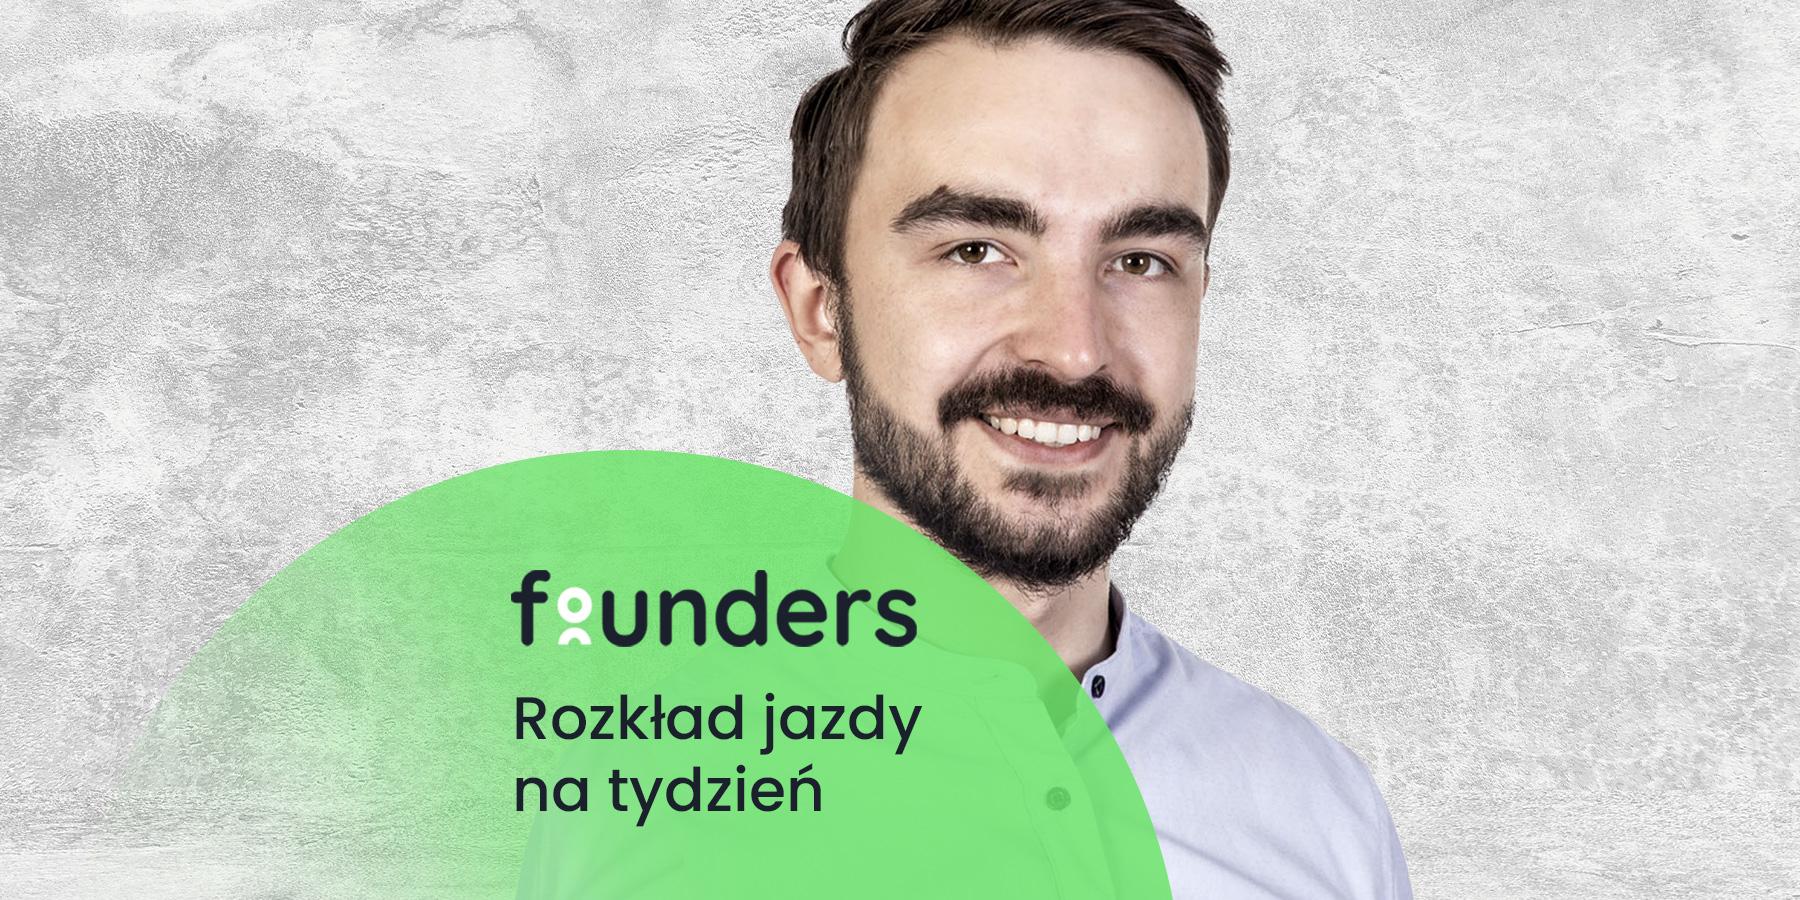 Wprzyszłym tygodniu ruszamy znowym cyklem oautomatyzacji zIgorem Kałużą. Zobacz co nowego naFounders.pl